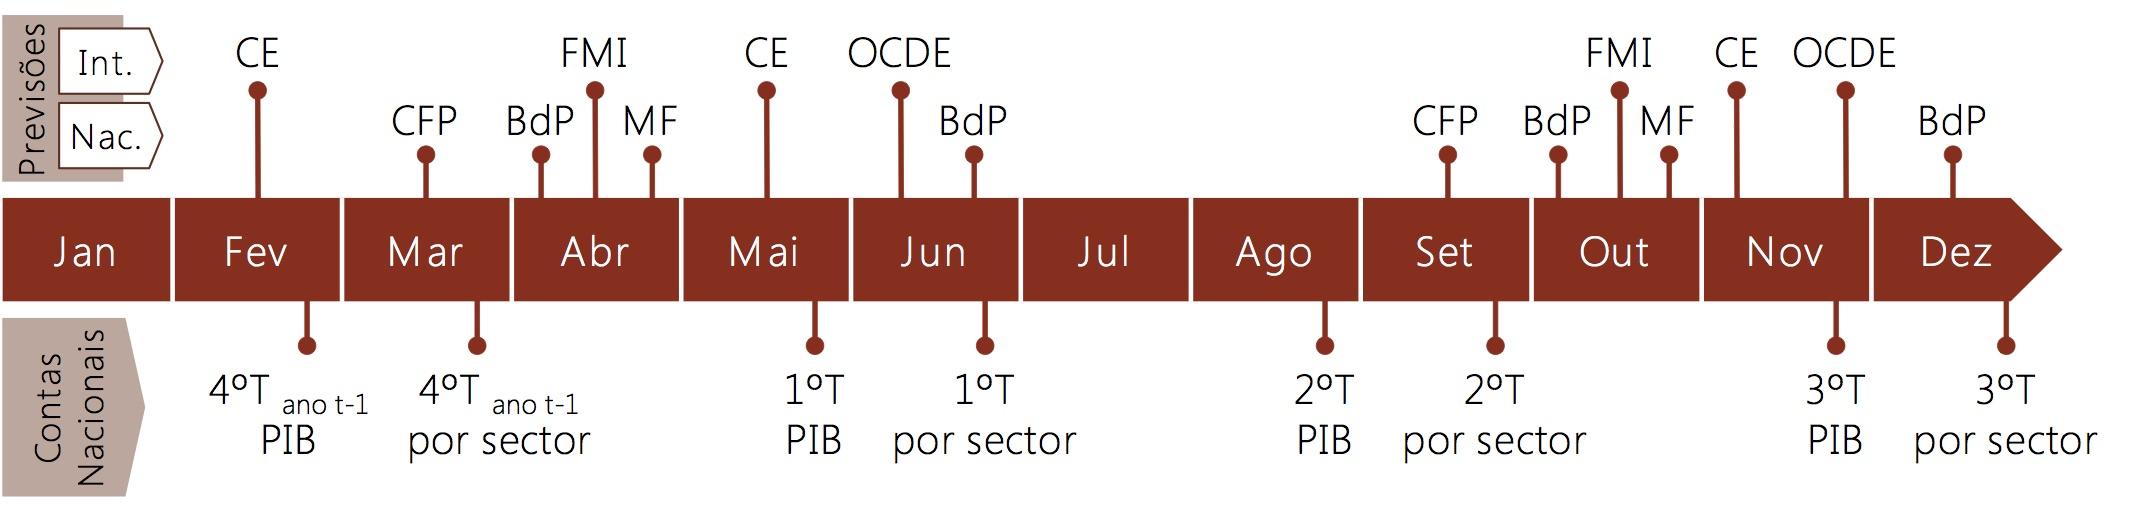 Calendário habitual das previsões para Portugal